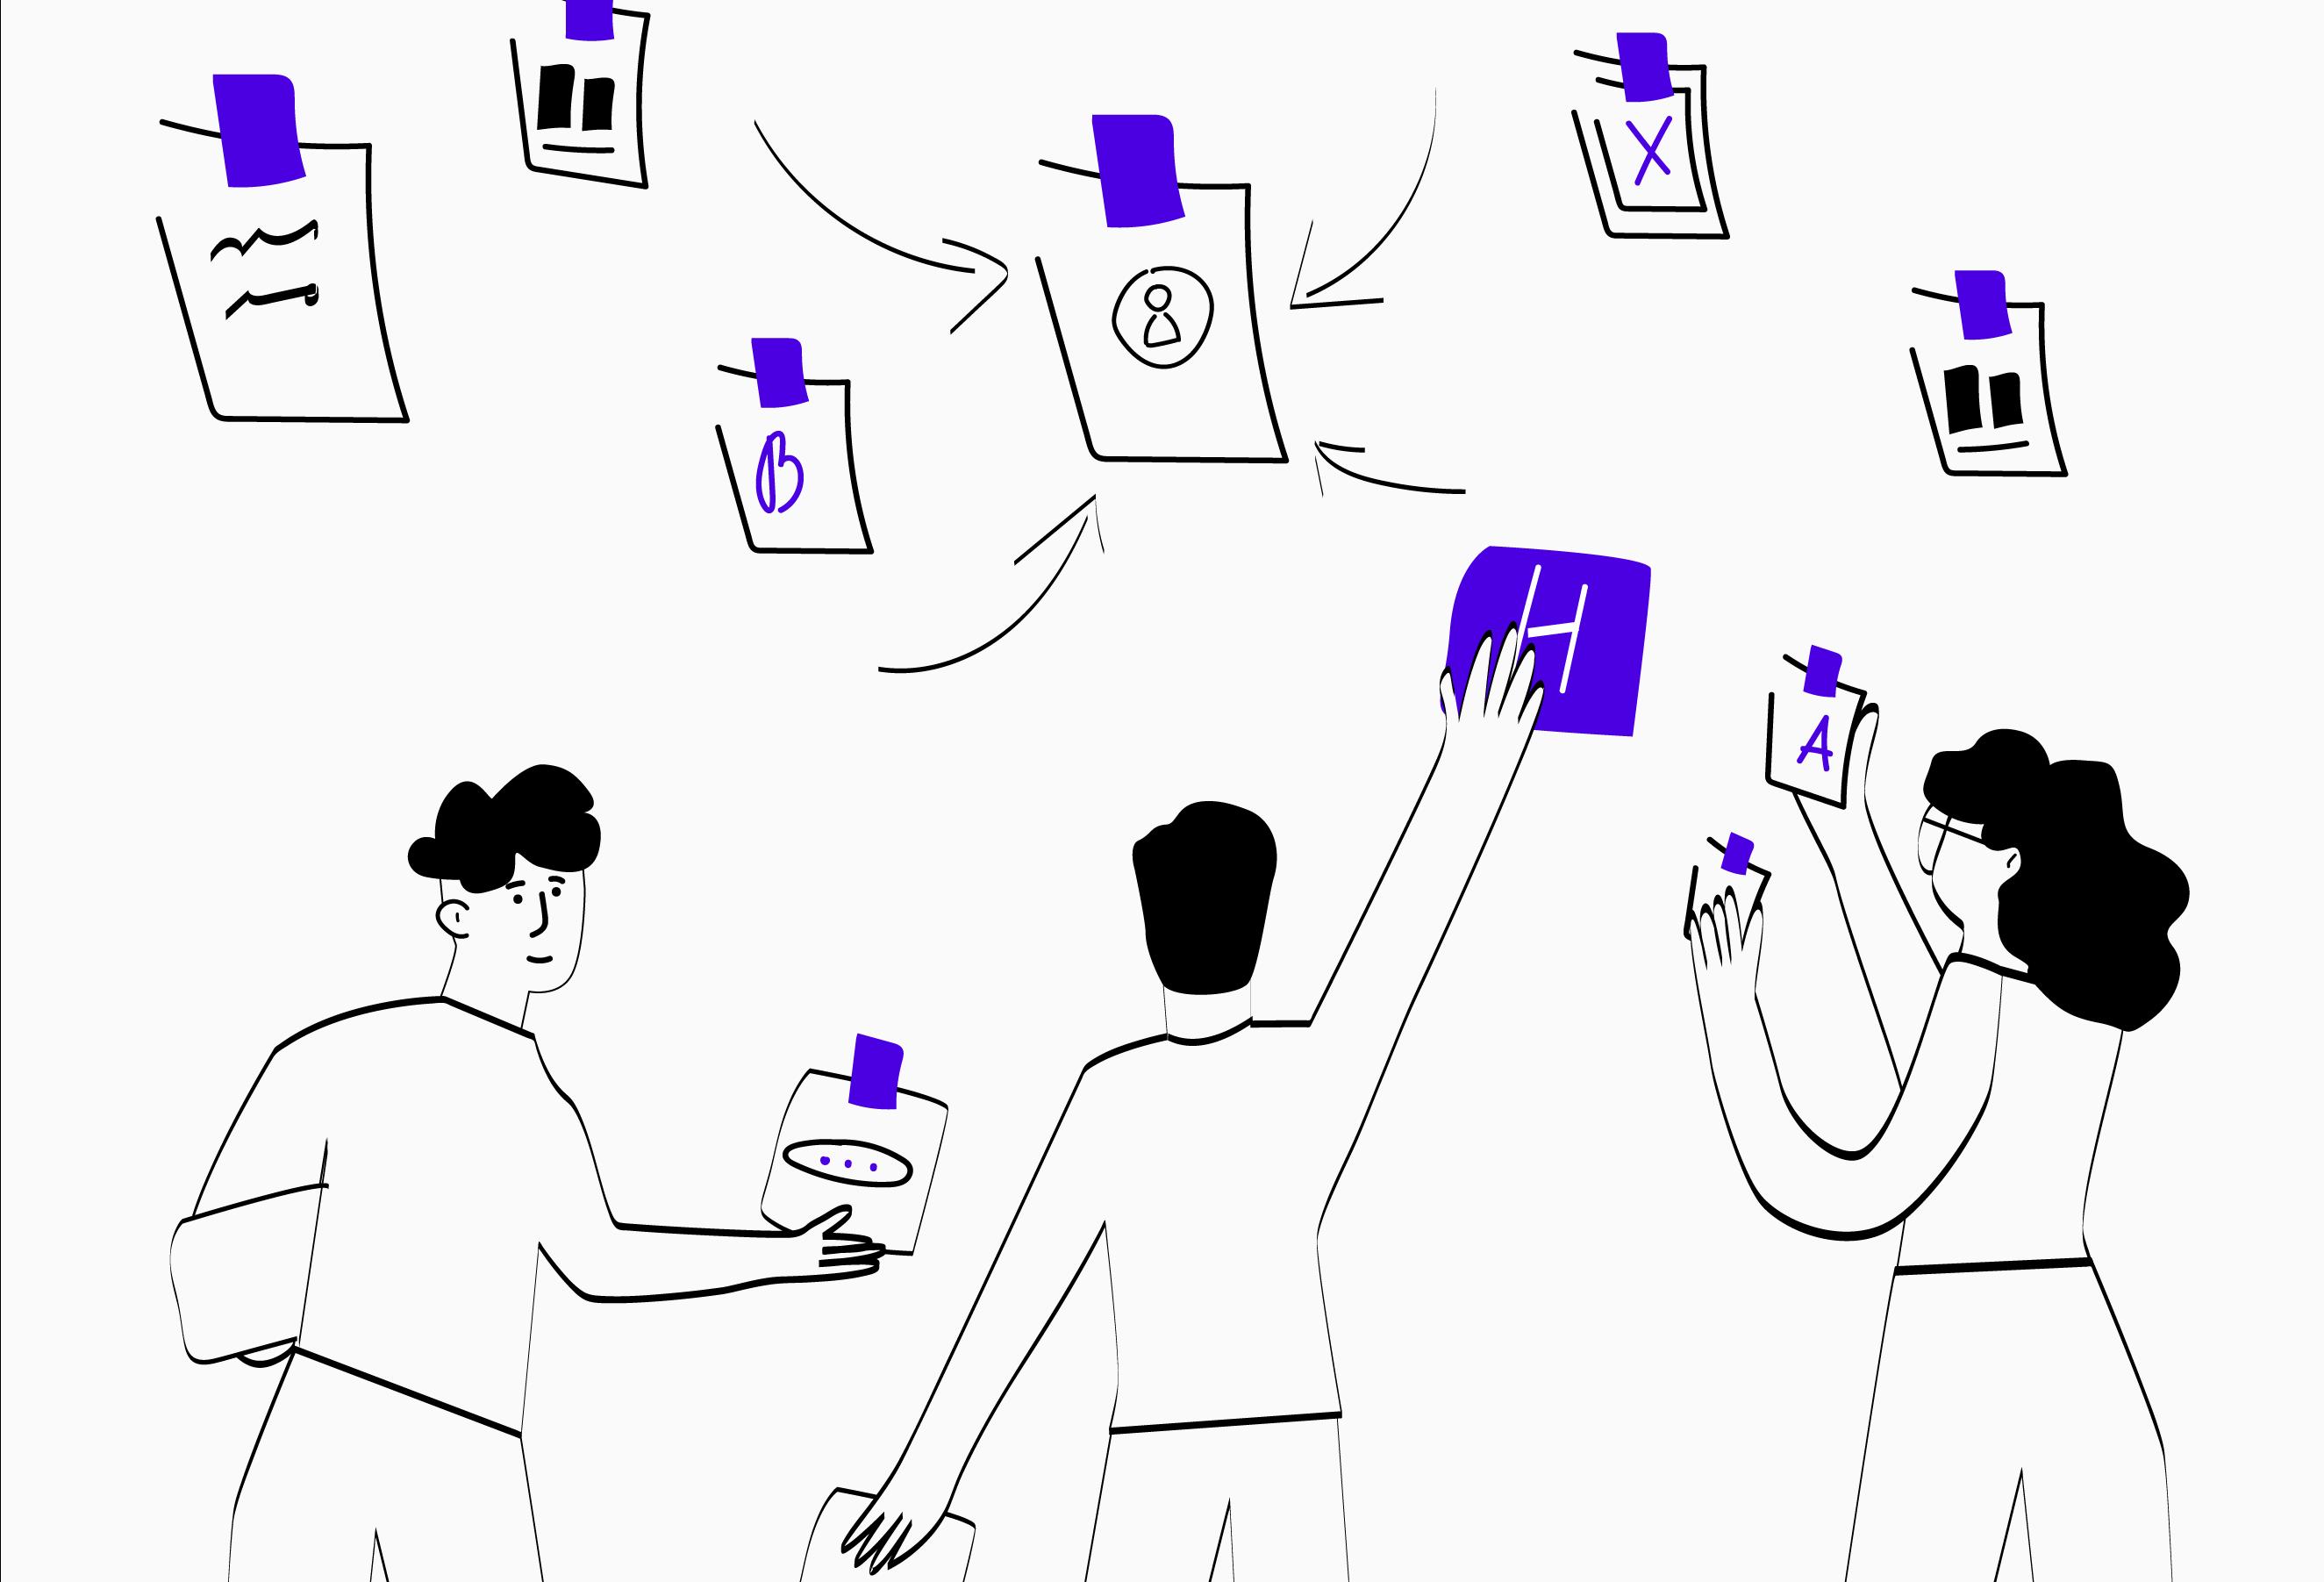 16. CHto takoe HADI tsikly - Что такое HADI-циклы и примеры их использования при разработке продуктов